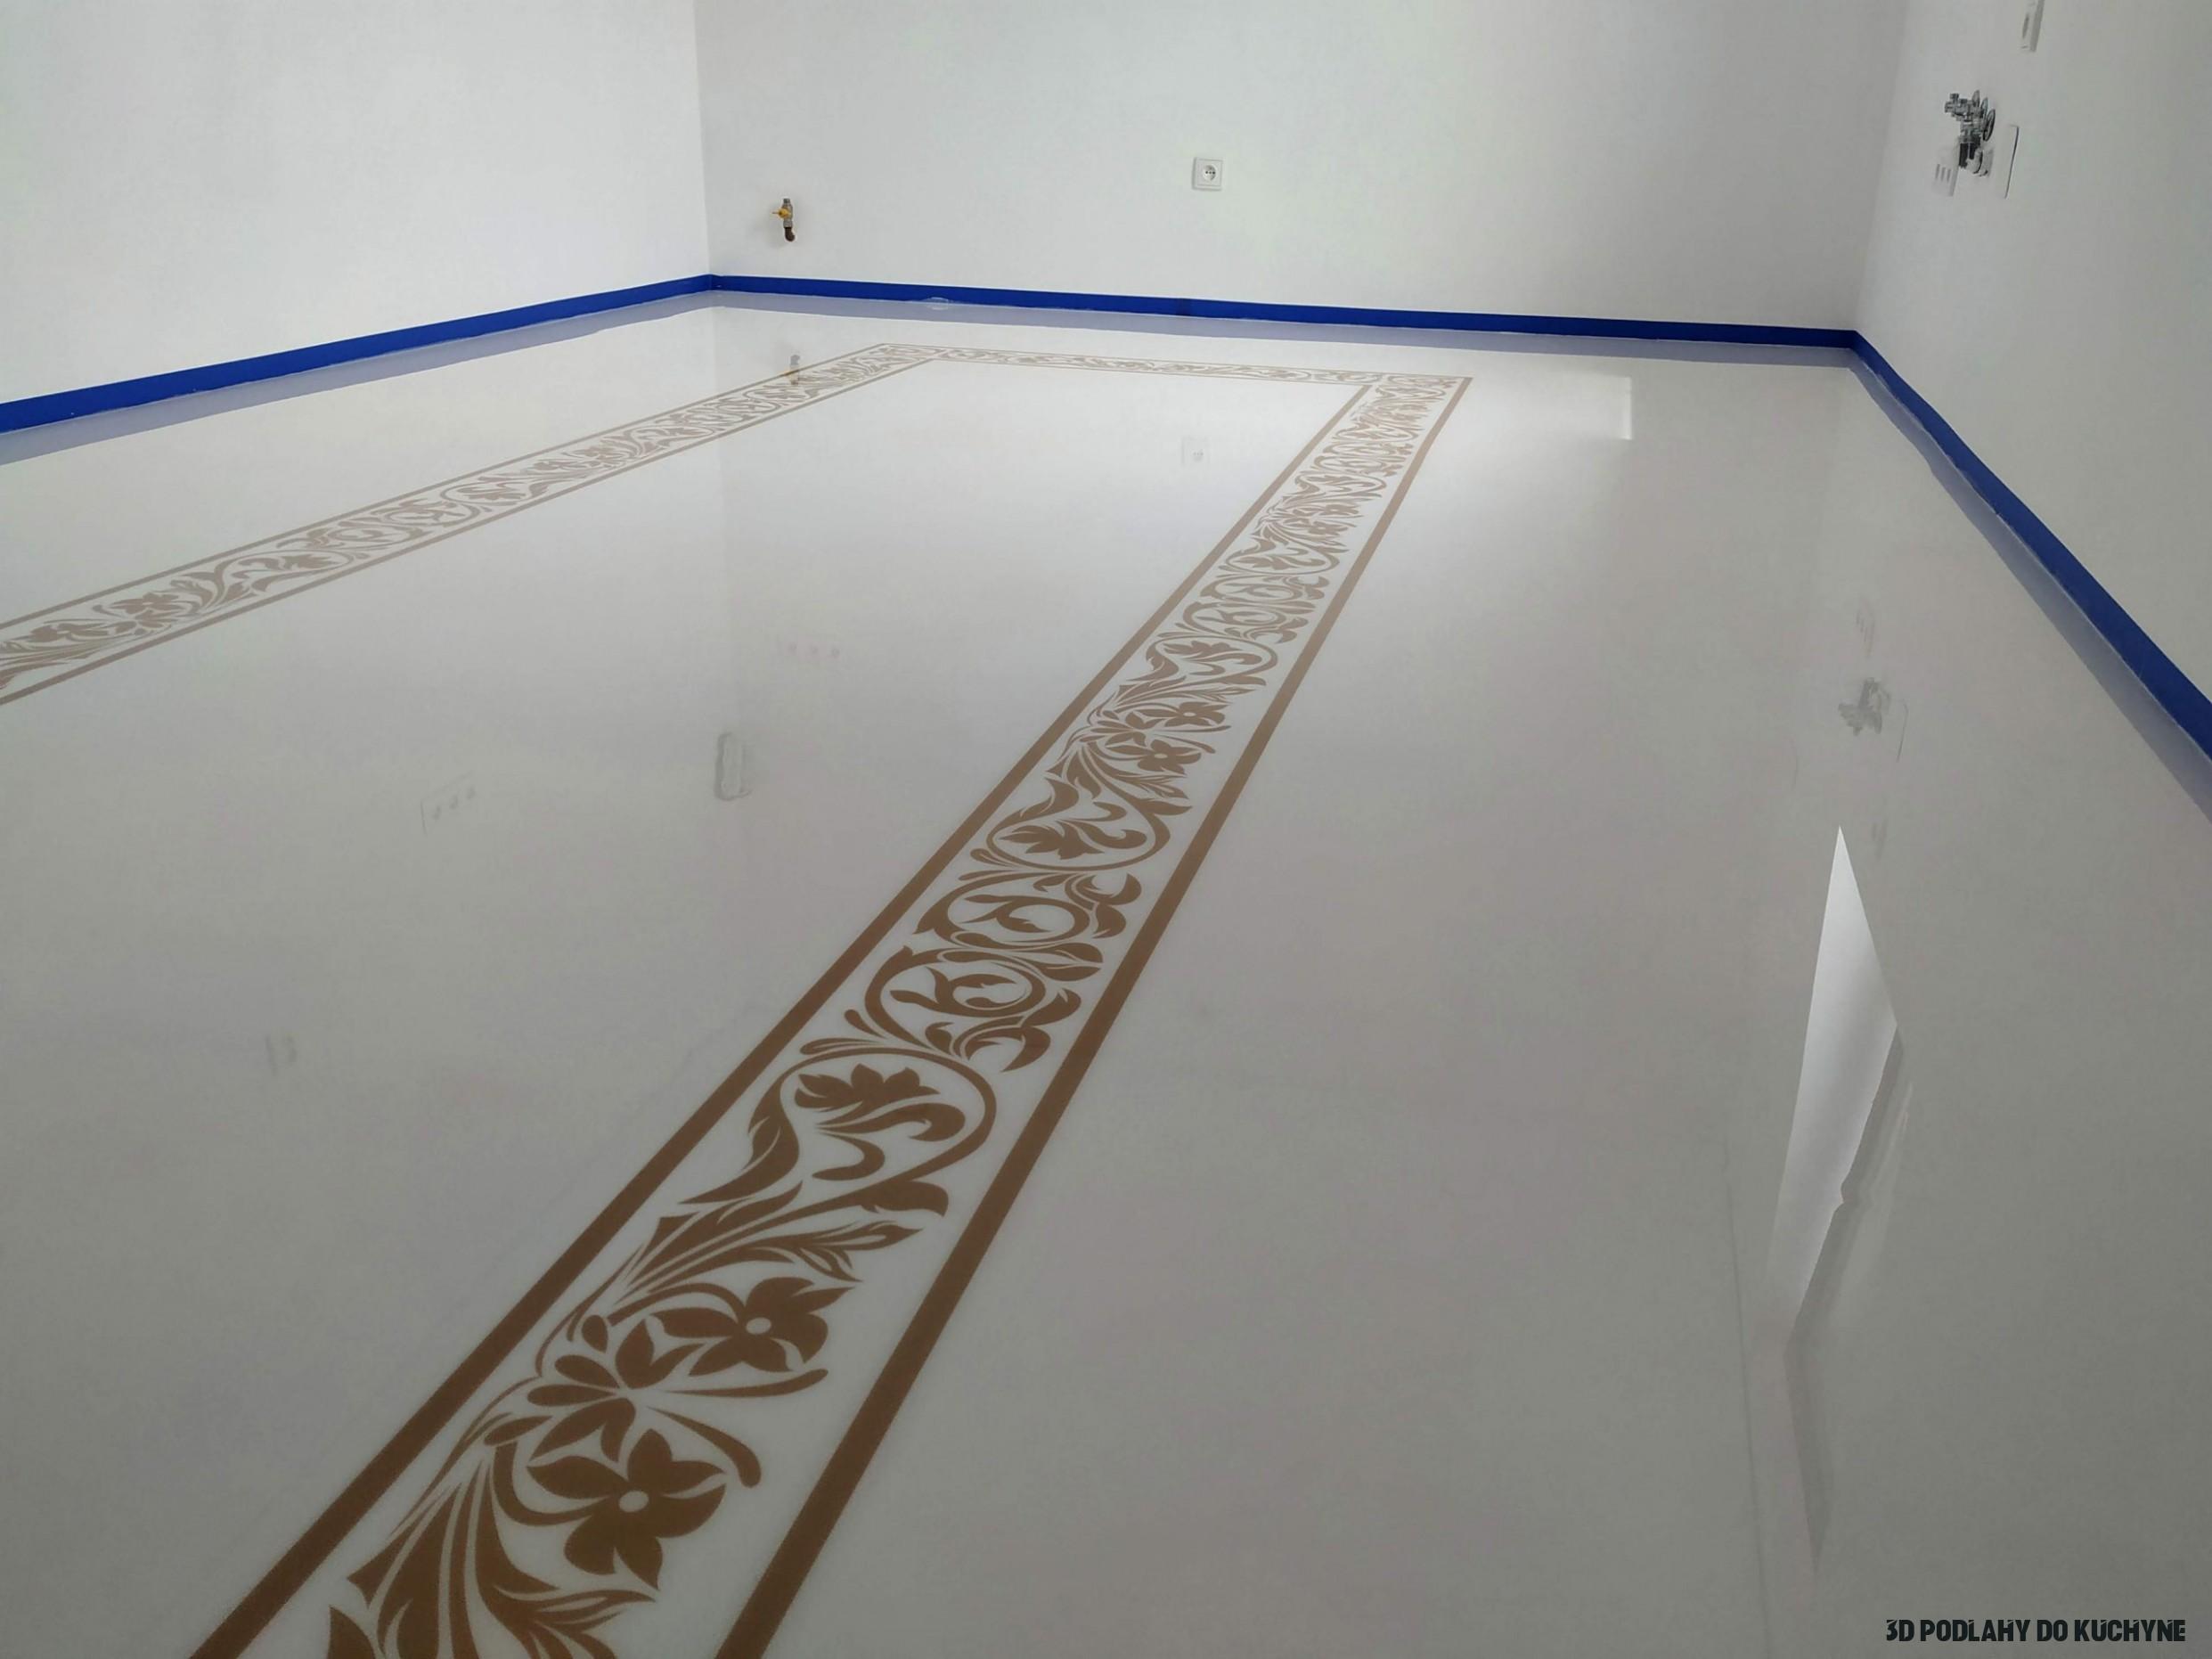 Liate podlahy - Podlahy do domu, bytu, haly, či garáže